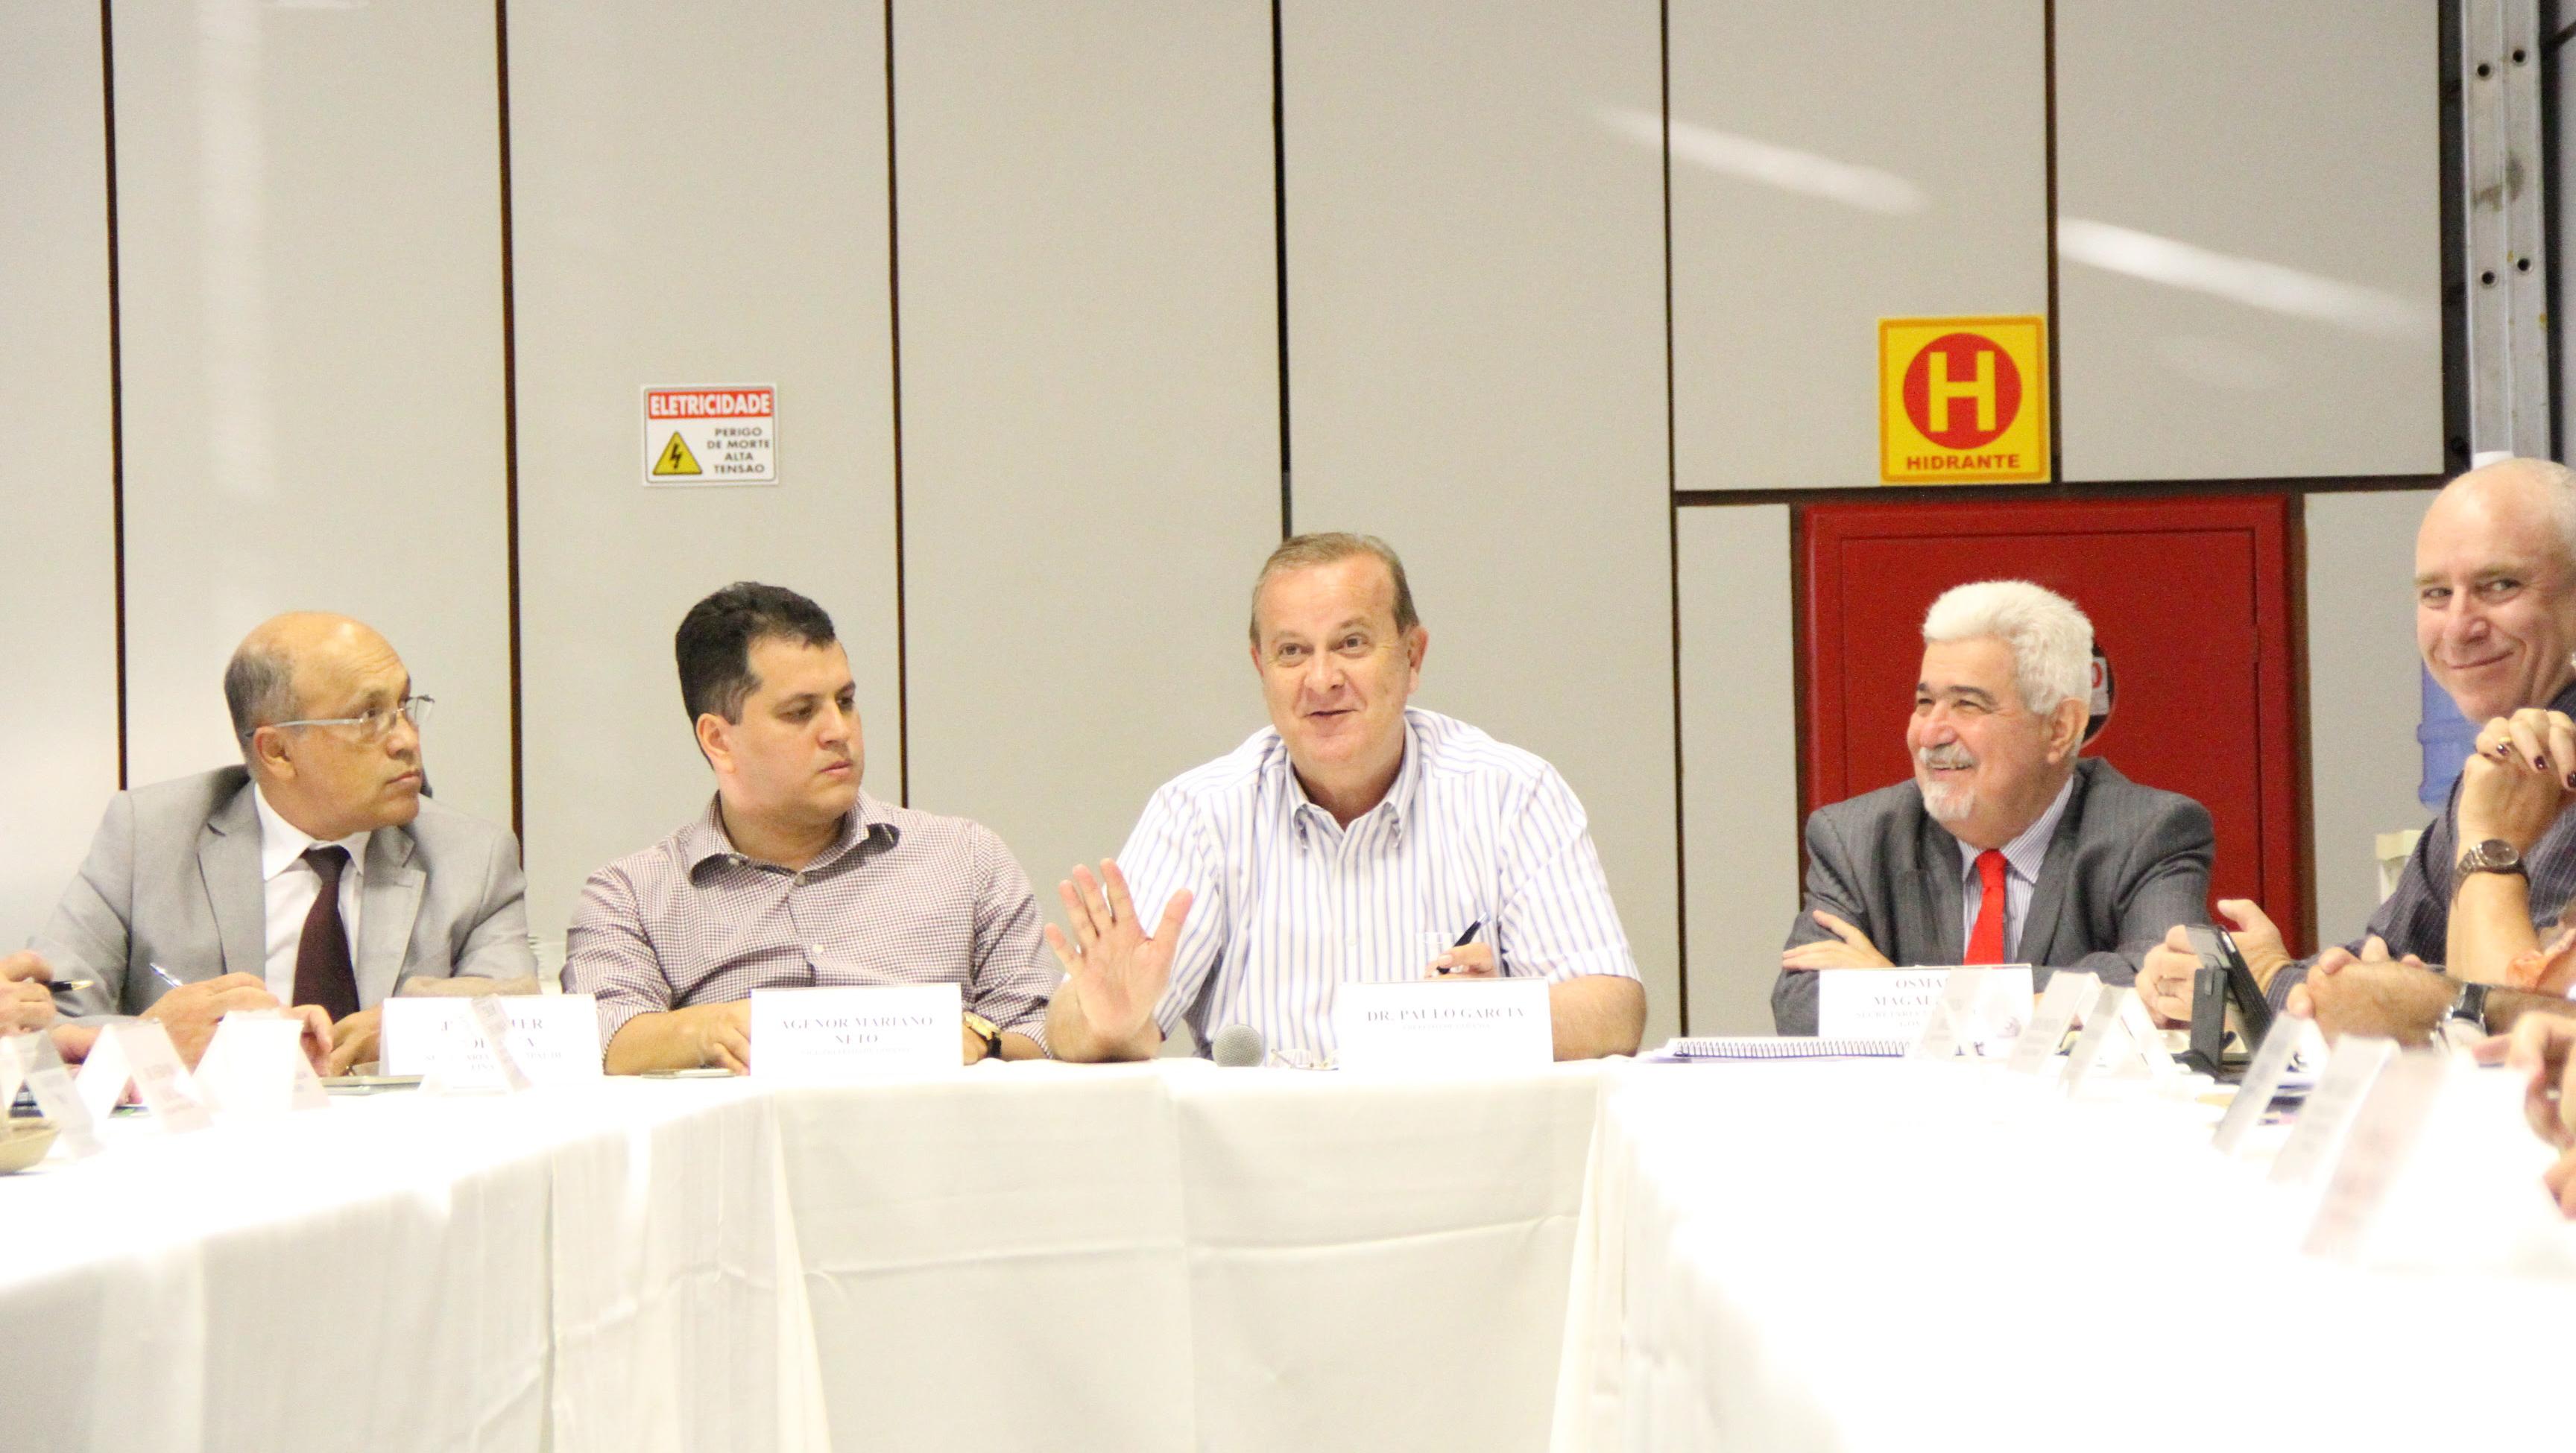 Paulo Garcia pede ao novo secretariado maior proximidade com população